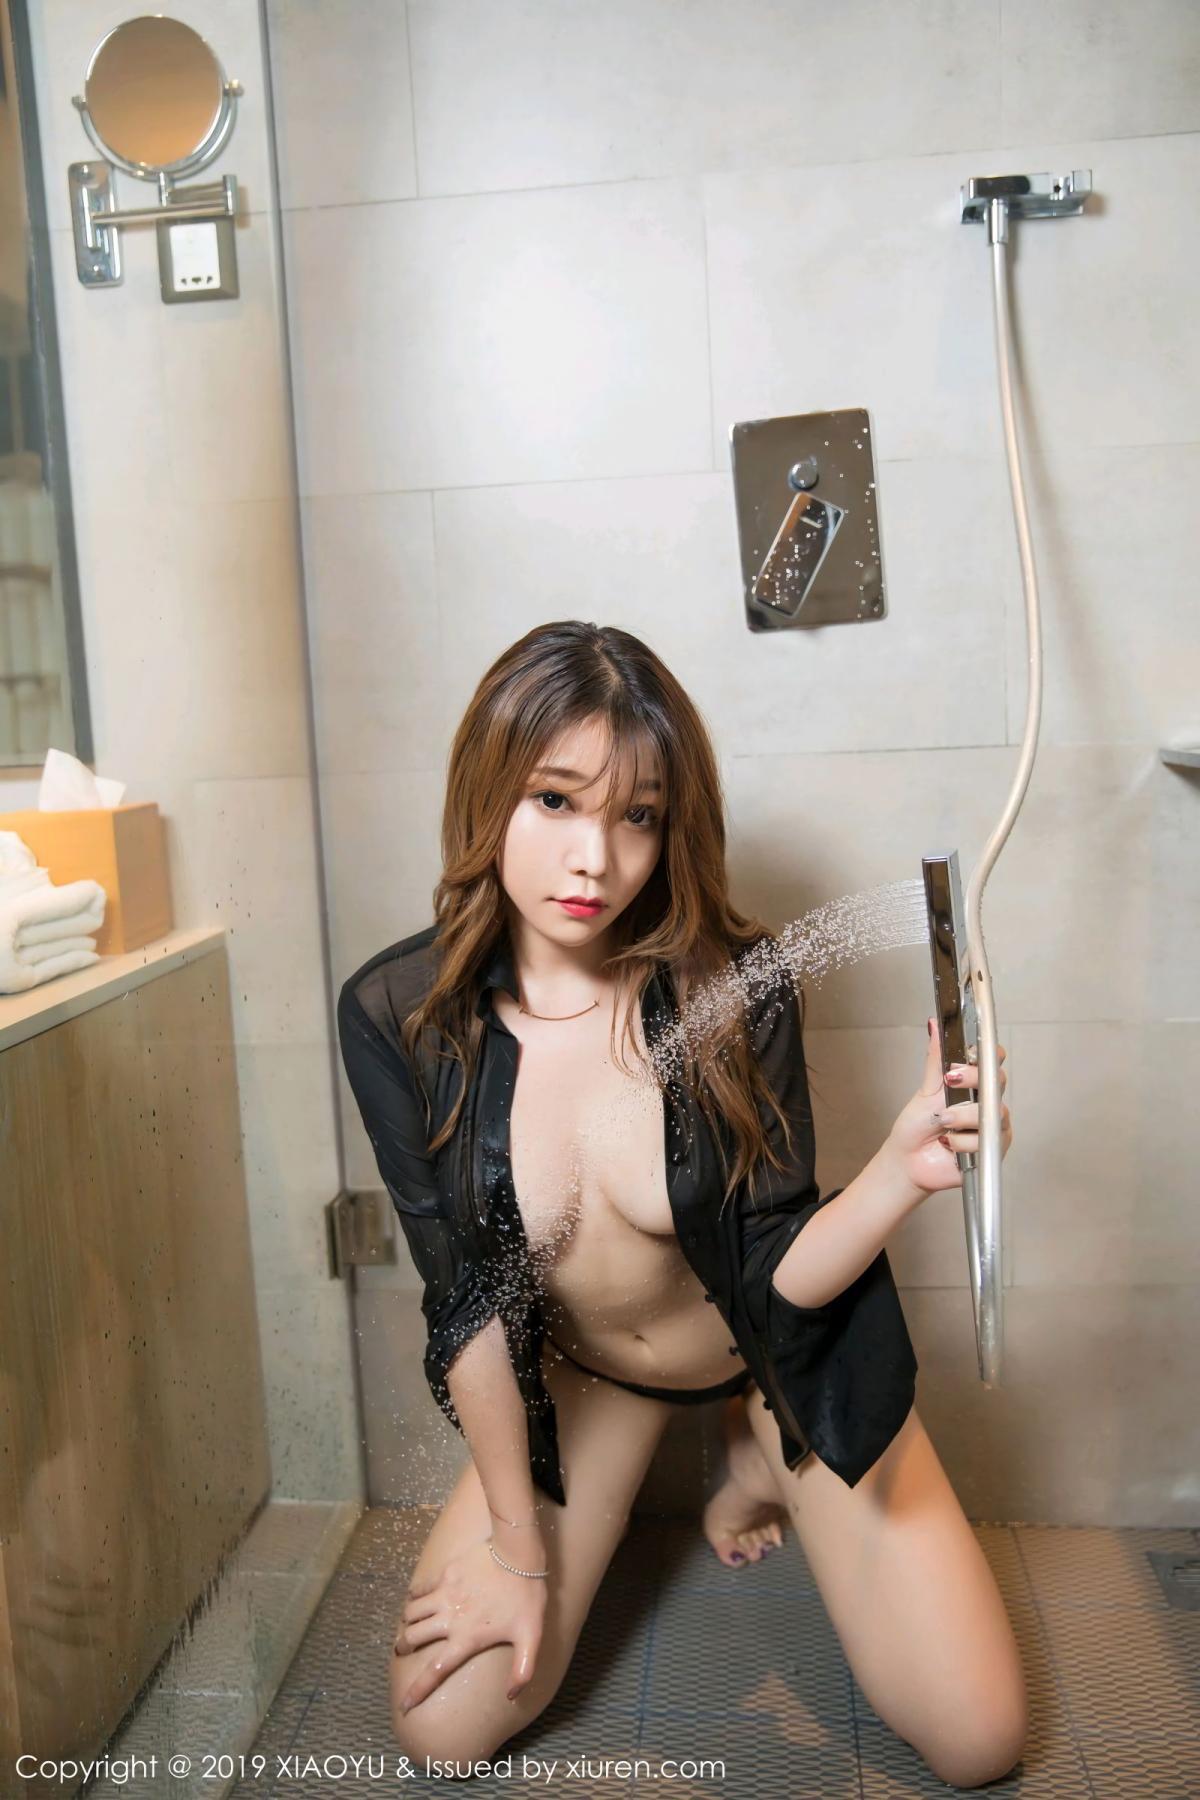 [XiaoYu] Vol.105 Chen Zhi 51P, Bathroom, Big Booty, Chen Zhi, Wet, XiaoYu